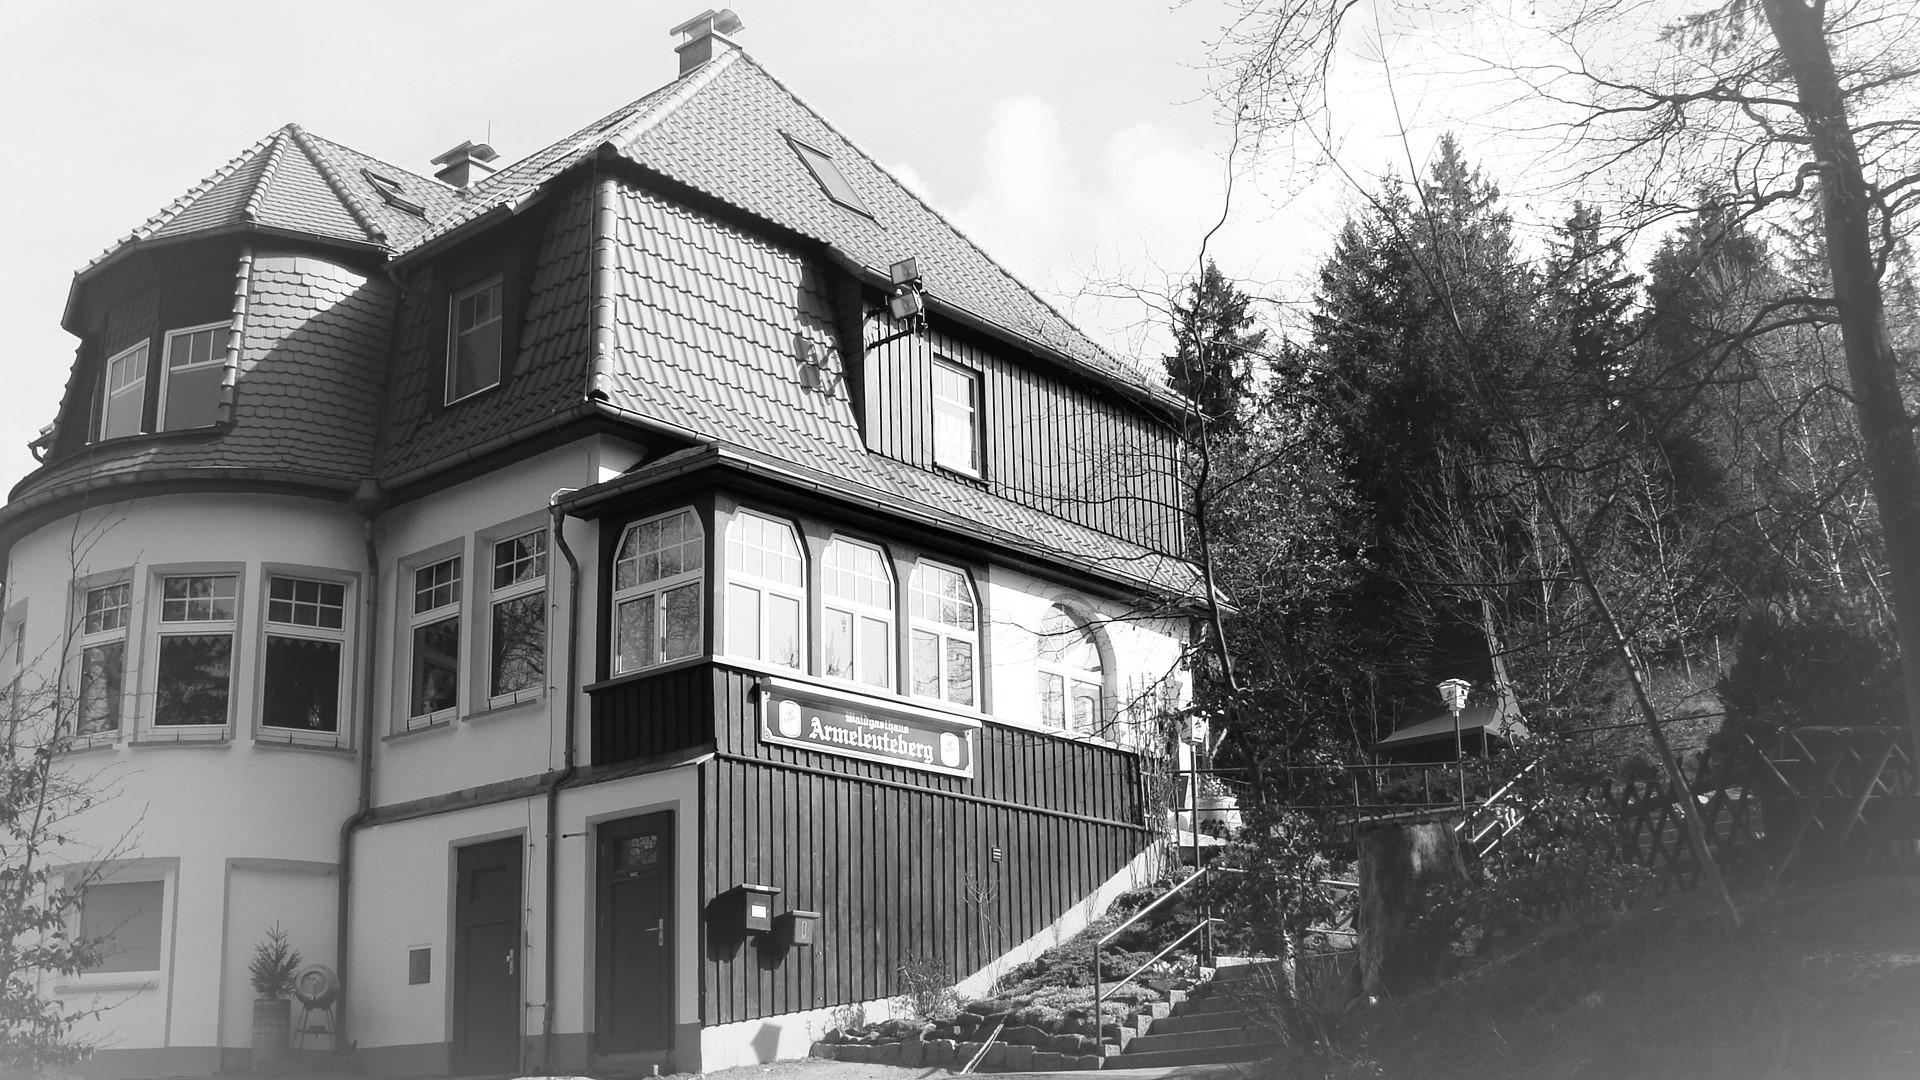 HWN 035 Ghs.Armeleuteberg